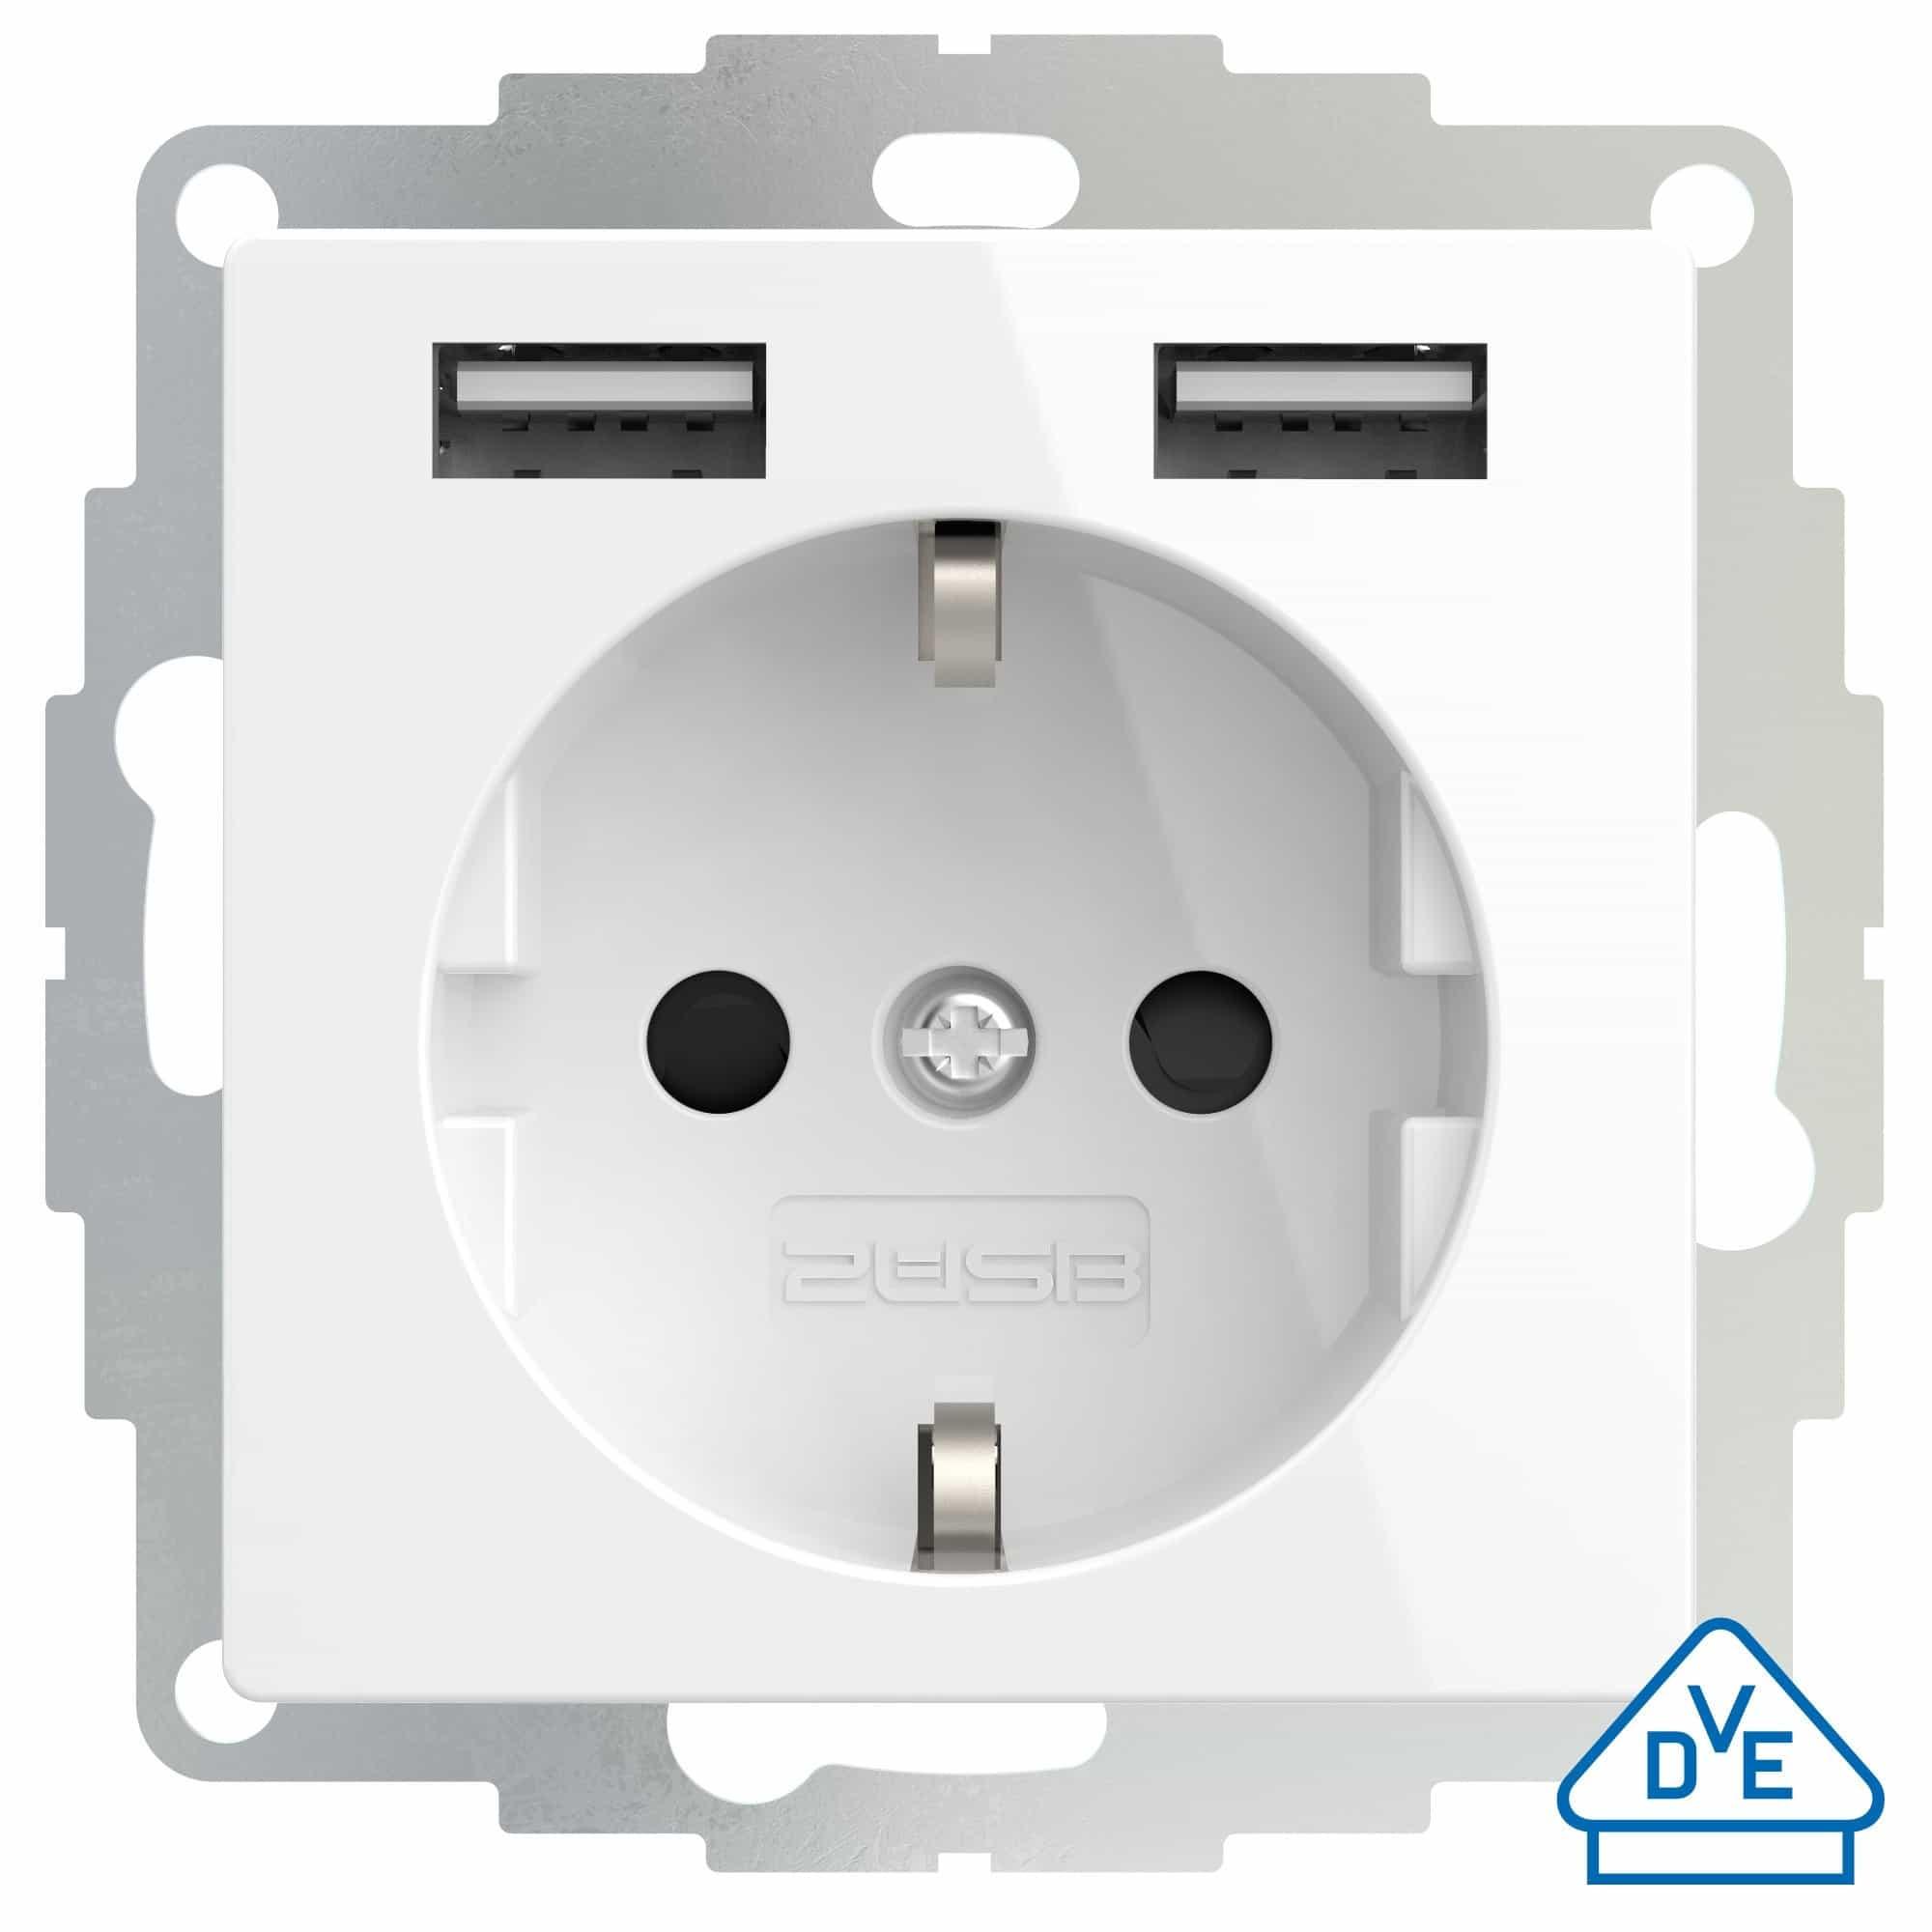 2USB Schutzkontakt-Steckdose 2x USB-A inCharge Pro55 reinweiß glänzend 55x55mm RAL9010 106202